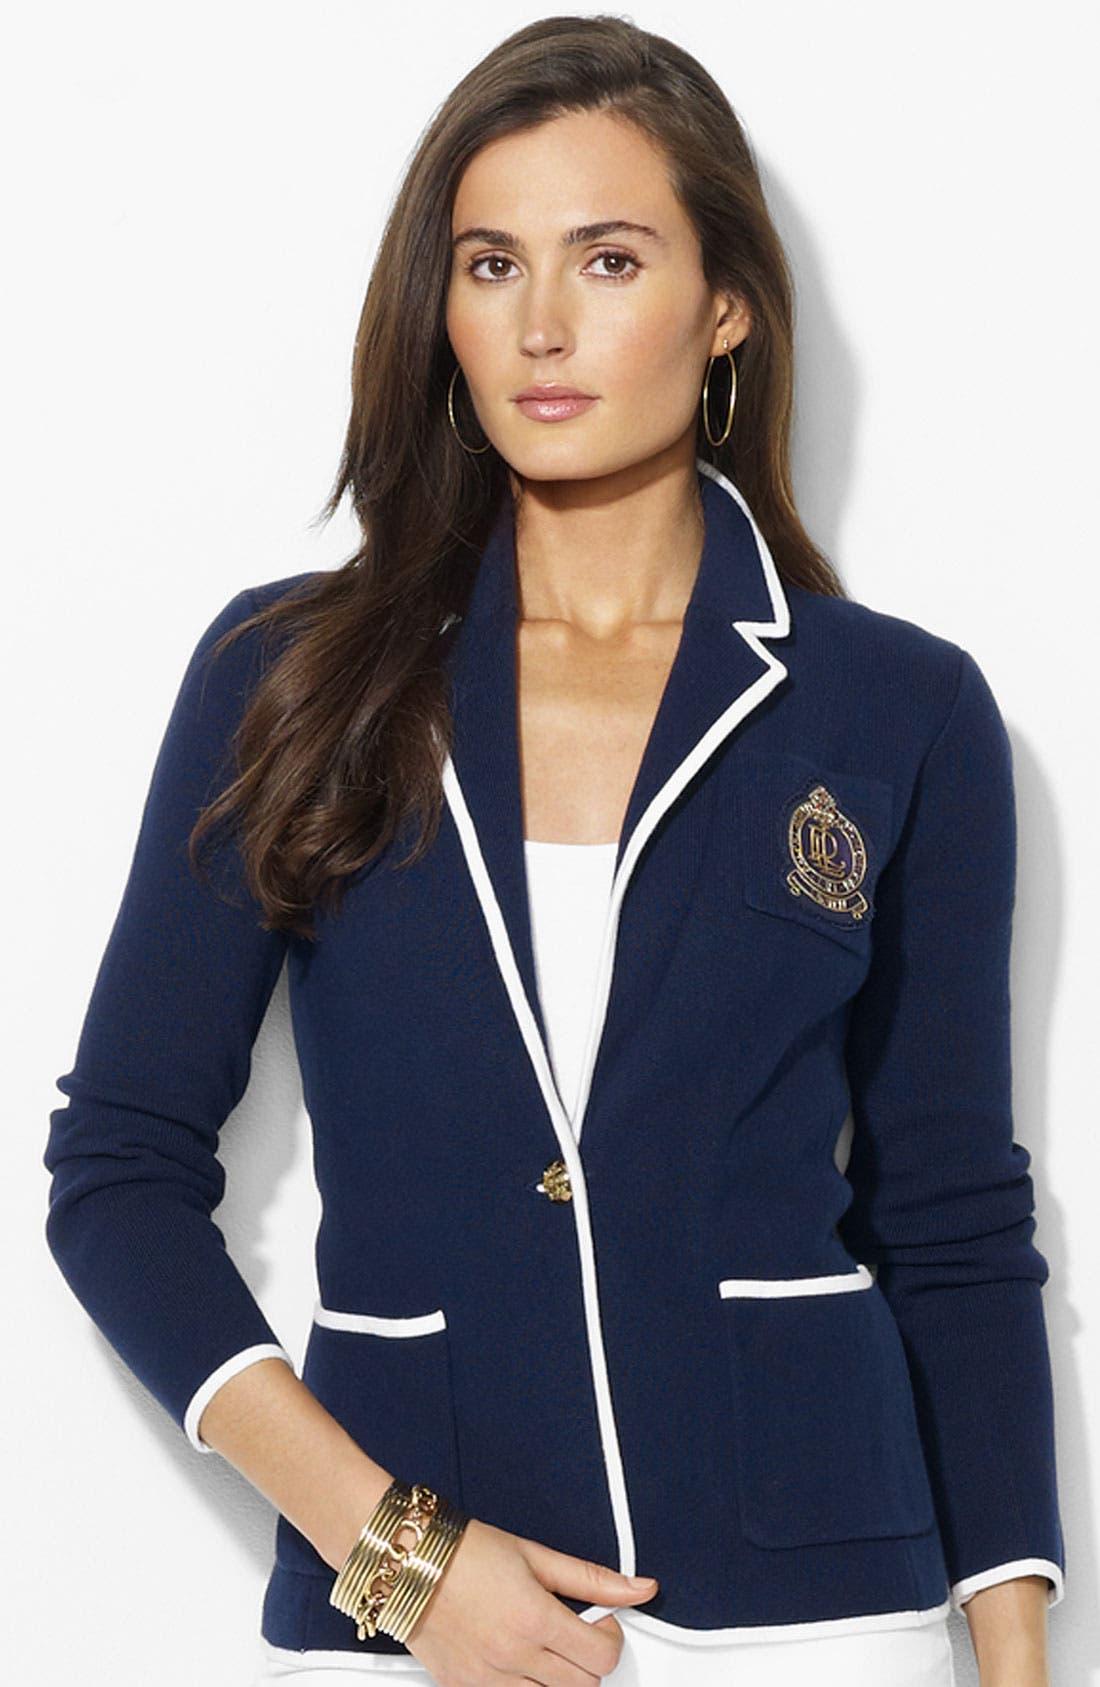 Main Image - Lauren Ralph Lauren Crest Pocket Blazer (Petite) (Online Exclusive)